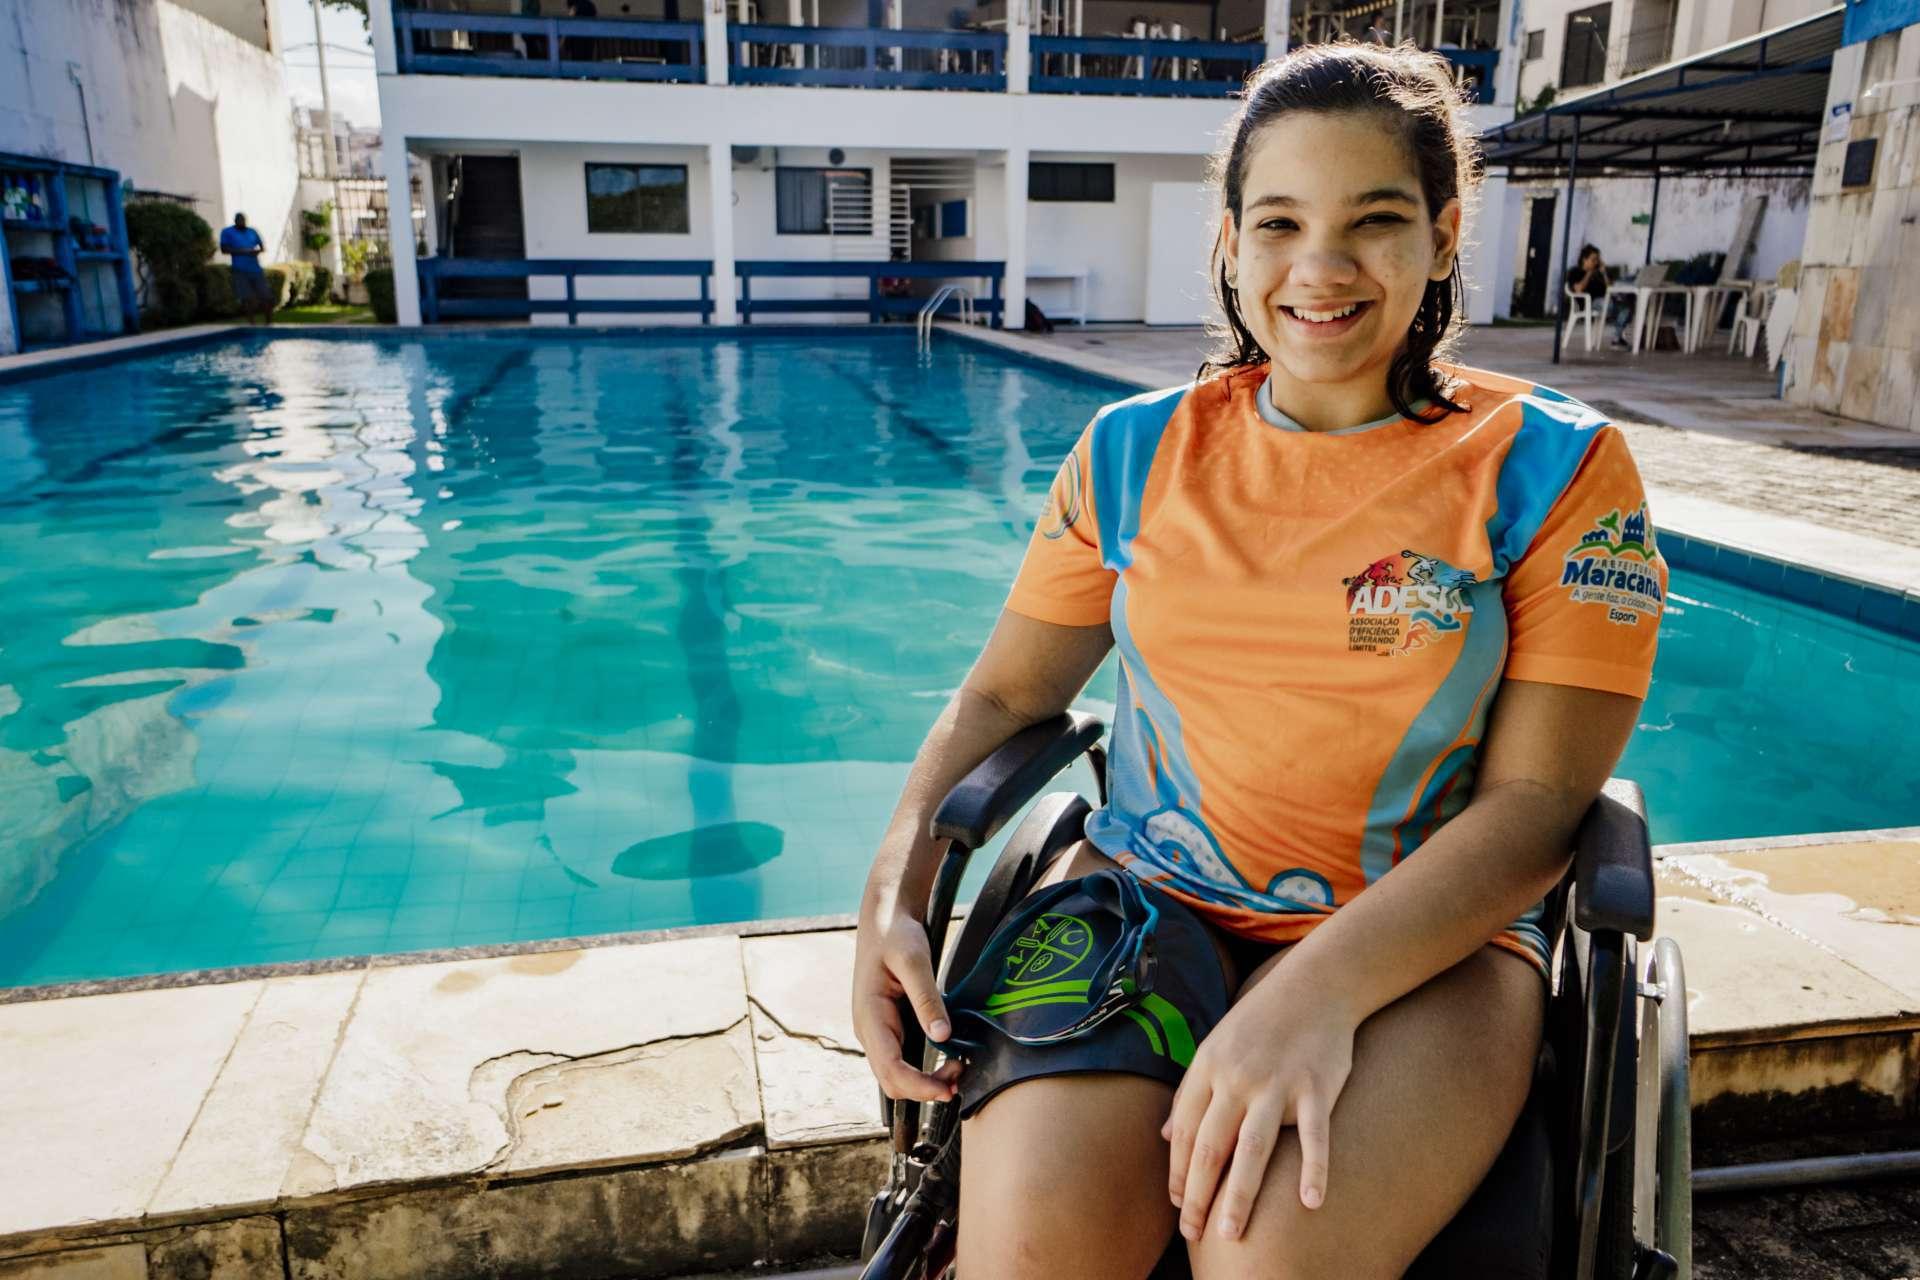 FORTALEZA, CE, BRASIL, 22-07-2020: Ana Clara é paratleta e pratica natação. Inclusão Social no esporte. (foto: JÚLIO CAESAR / O POVO)